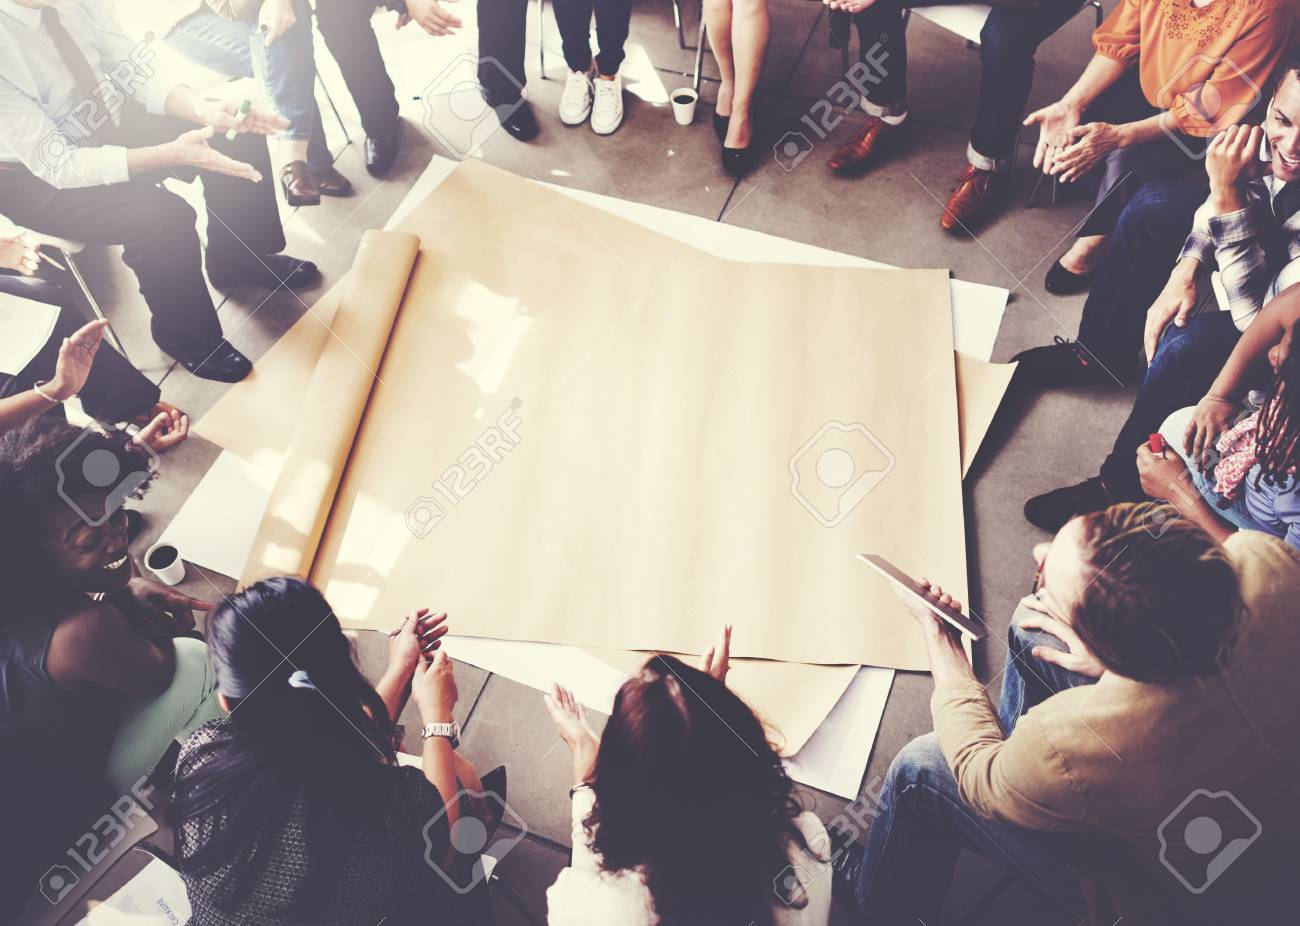 Team Teamwork Meeting Start up Concept - 53103110